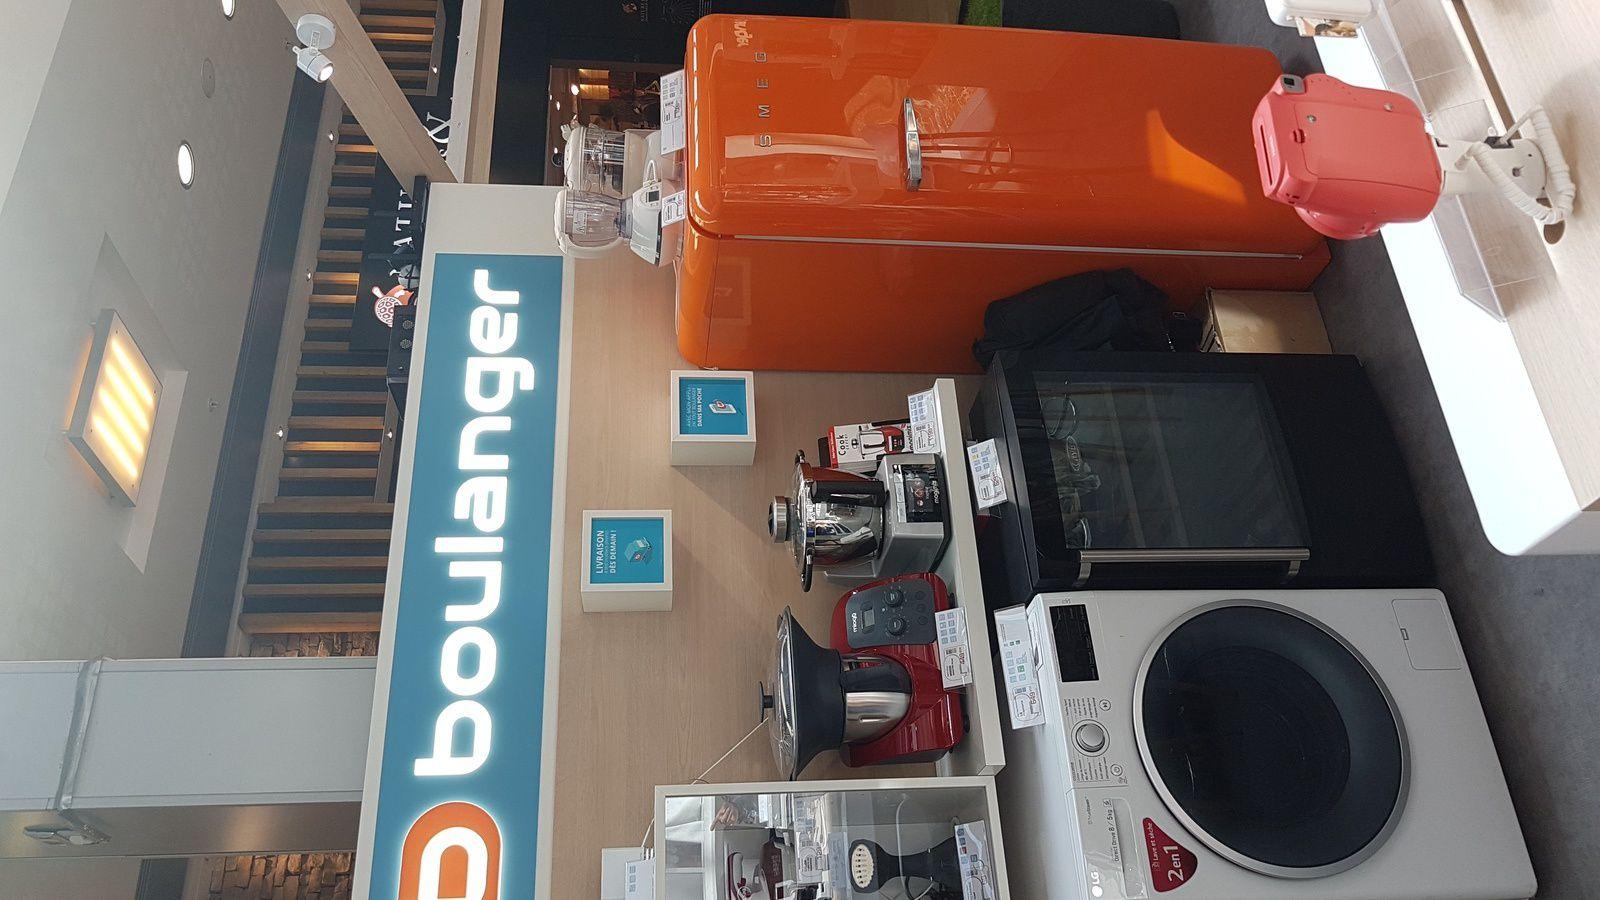 Boulanger ouvre un Pop up store à Velizy II : un concentré de Boulanger 3.0